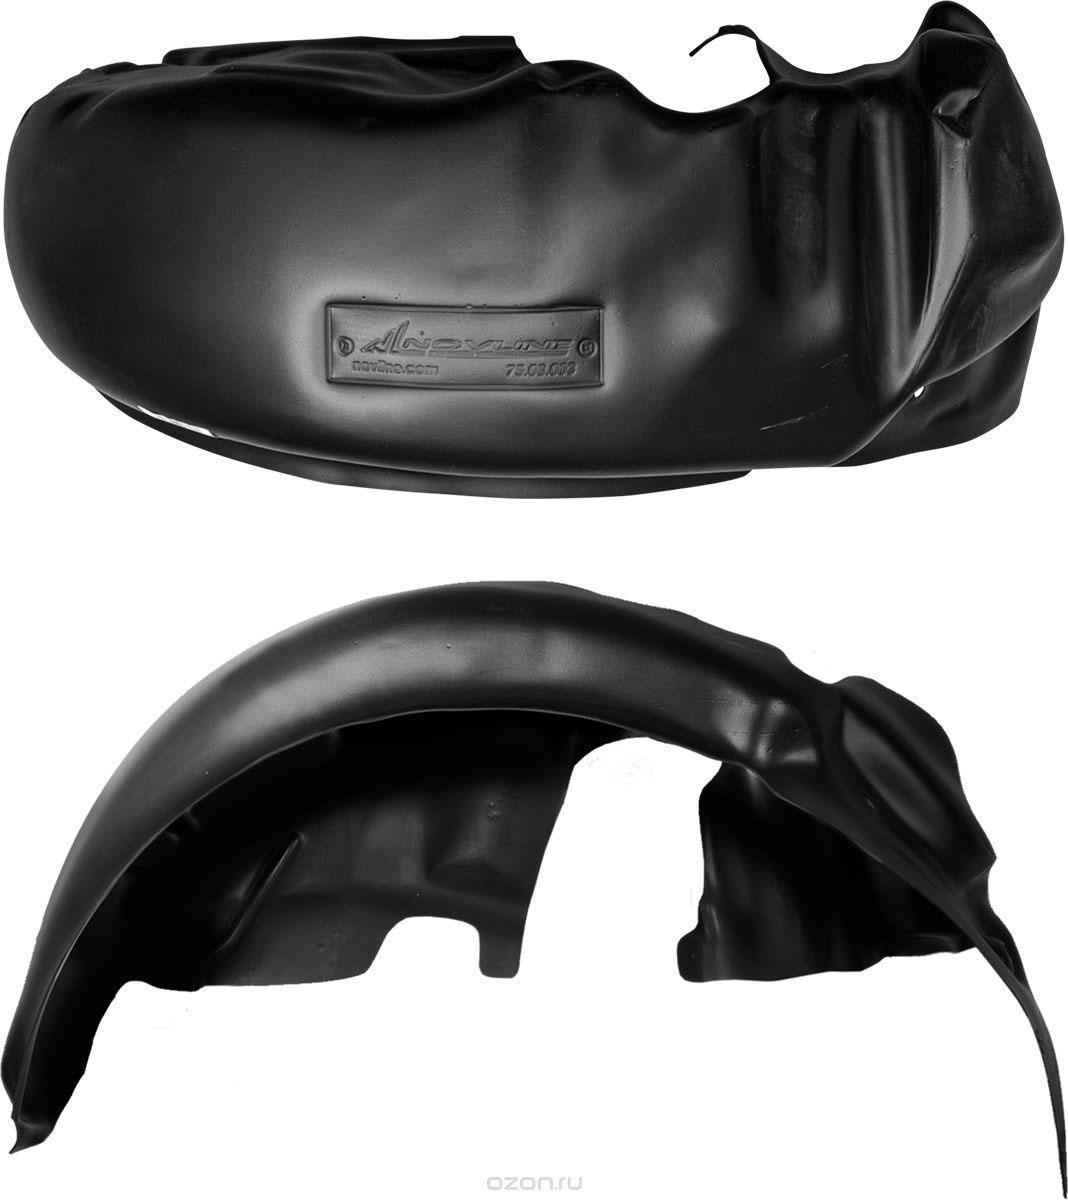 Подкрылок Novline-Autofamily, для Hyundai i20, 2009->, передний правыйNLL.20.32.002Идеальная защита колесной ниши. Локеры разработаны с применением цифровых технологий, гарантируют максимальную повторяемость поверхности арки. Изделия устанавливаются без нарушения лакокрасочного покрытия автомобиля, каждый подкрылок комплектуется крепежом. Уважаемые клиенты, обращаем ваше внимание, что фотографии на подкрылки универсальные и не отражают реальную форму изделия. При этом само изделие идет точно под размер указанного автомобиля.